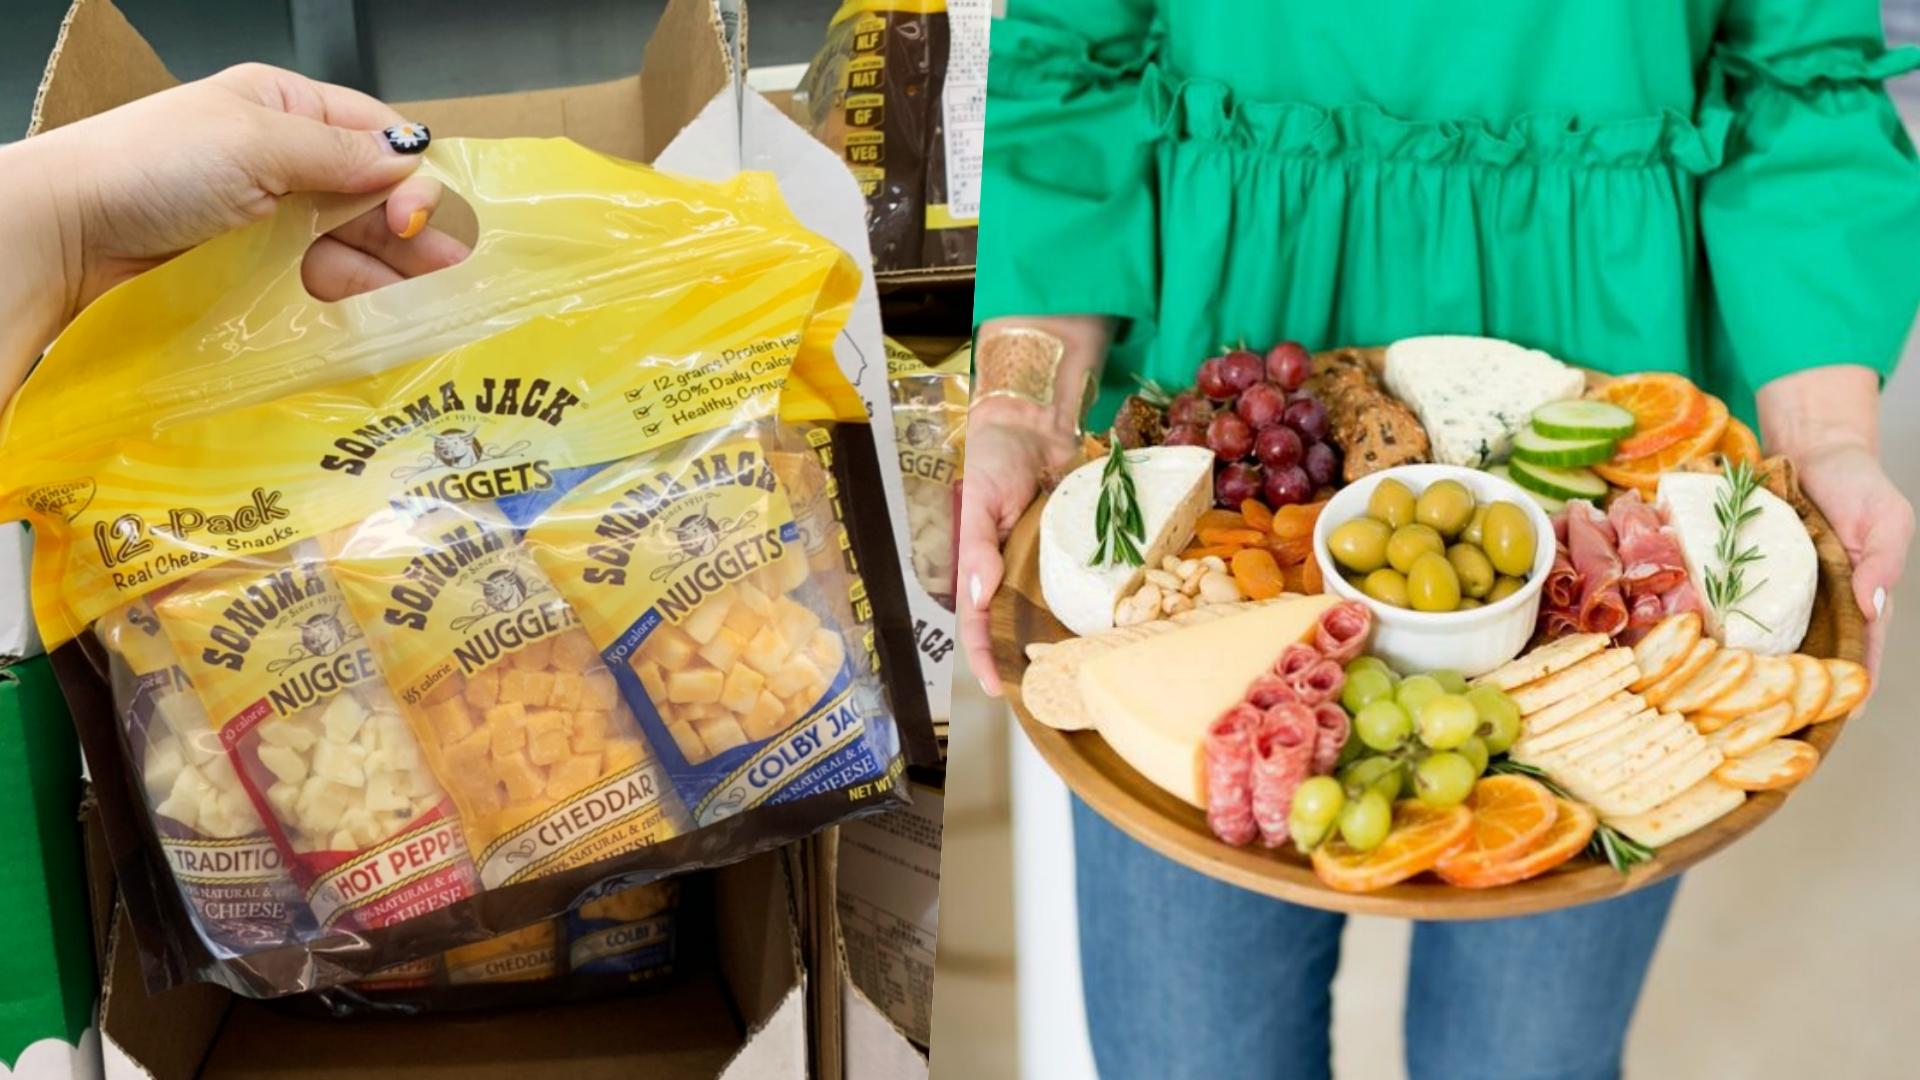 乾酪塊綜合袋,搭配水果和堅果一起吃飽足又營養!